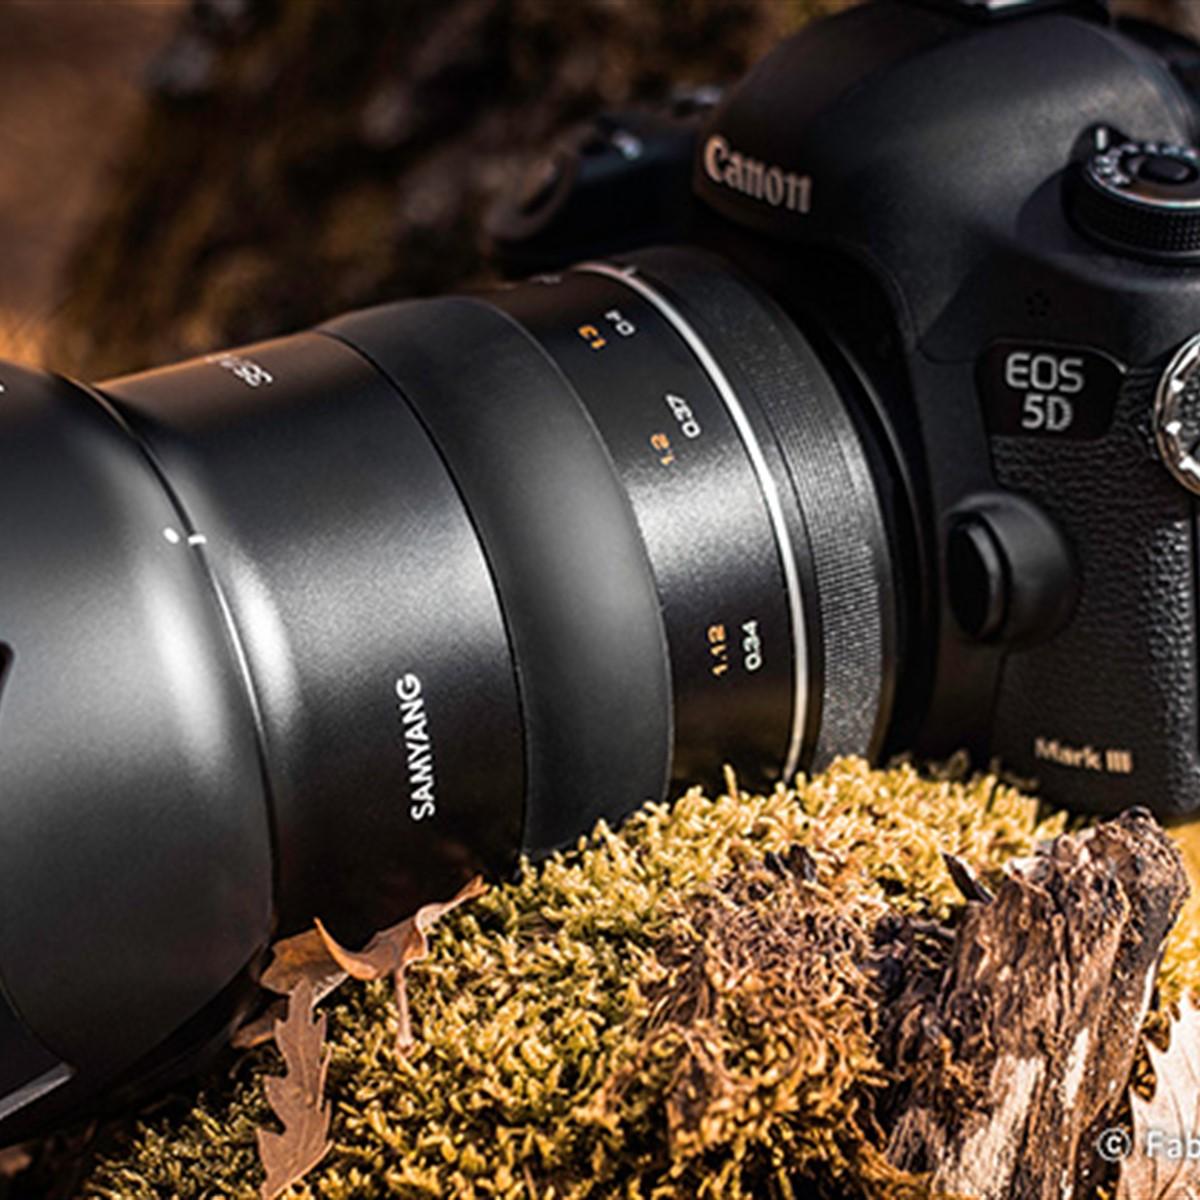 Samyang announces 35mm F1 2 'XPert' lens for EF mount cameras, due